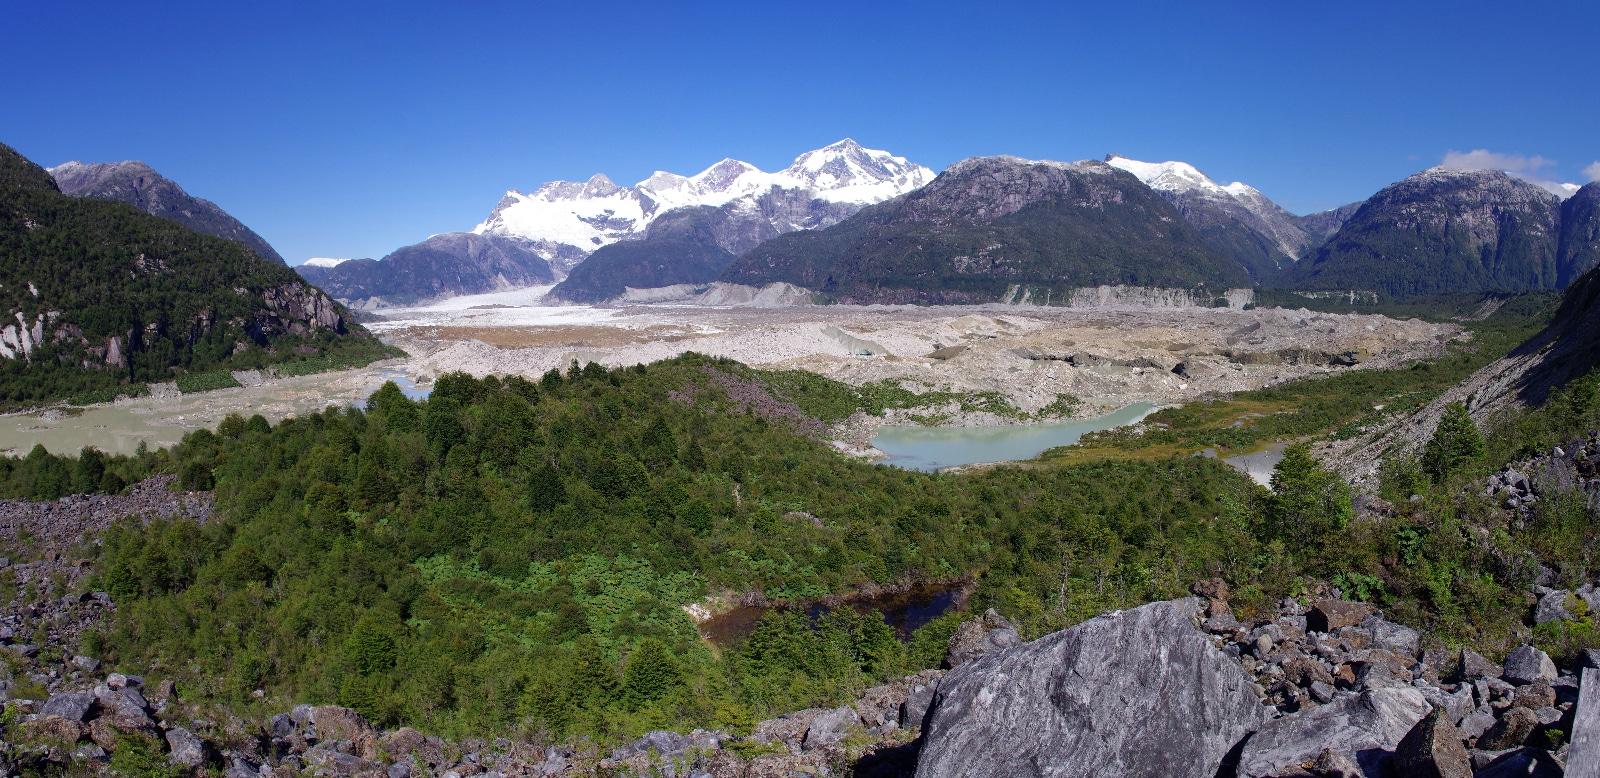 Glaciar Exploradores, Patagonie, Chili.